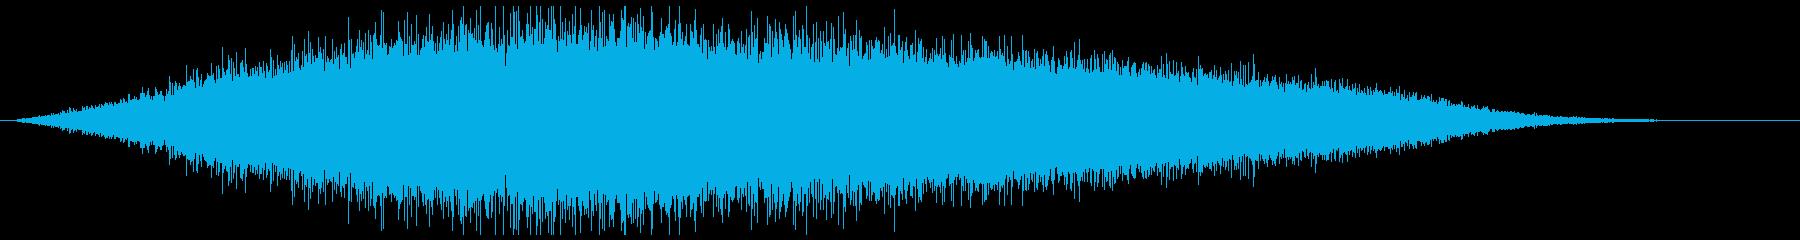 空気 ガス 漏れ等(シュゥゥ…)の再生済みの波形